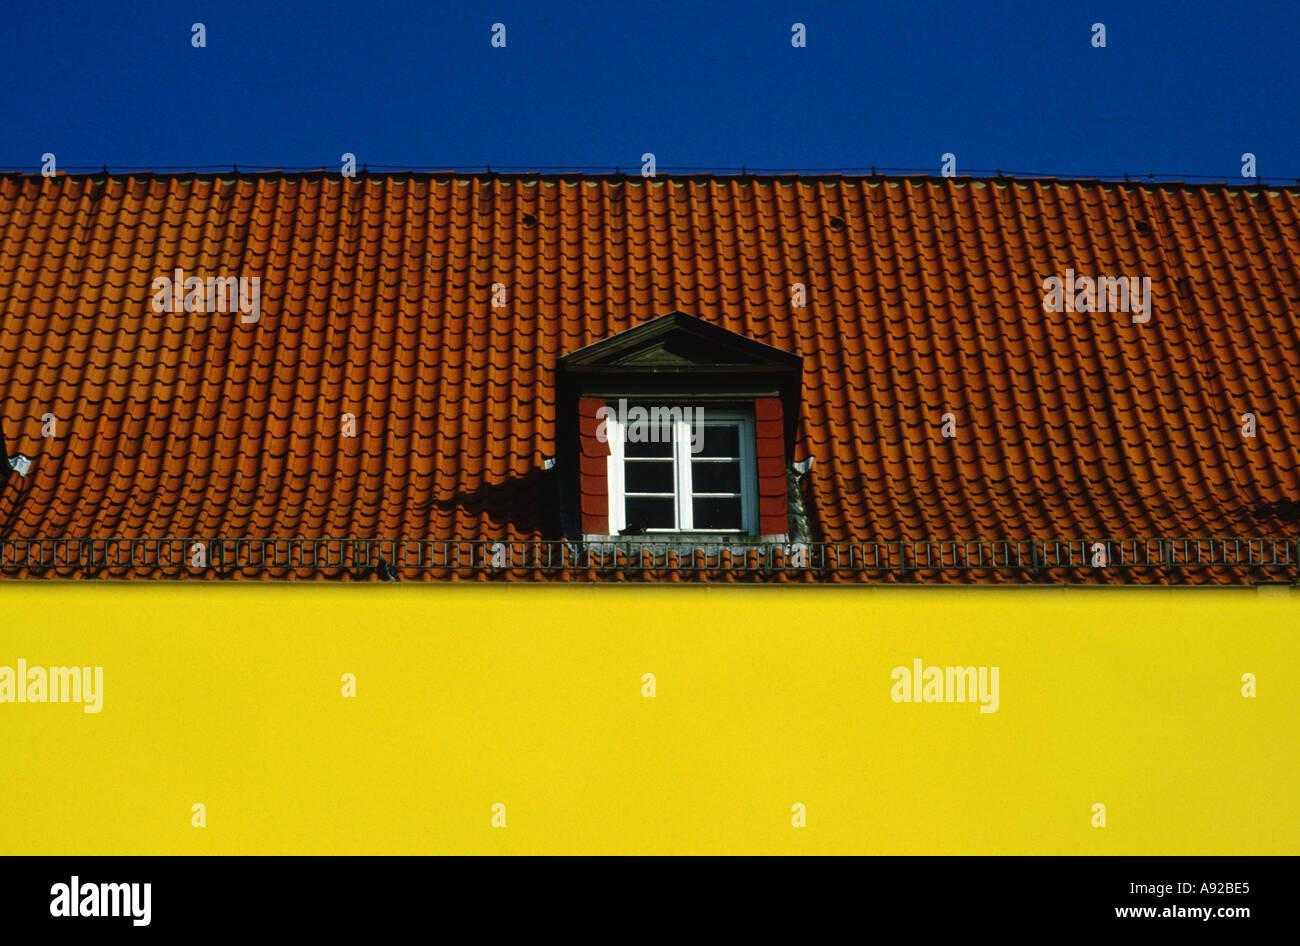 Chambre Toiture Tuiles Colorées De La Baie De Fenêtre Oriel Fenêtre Lucarne  Loft Story Grenier Toiture Skylight